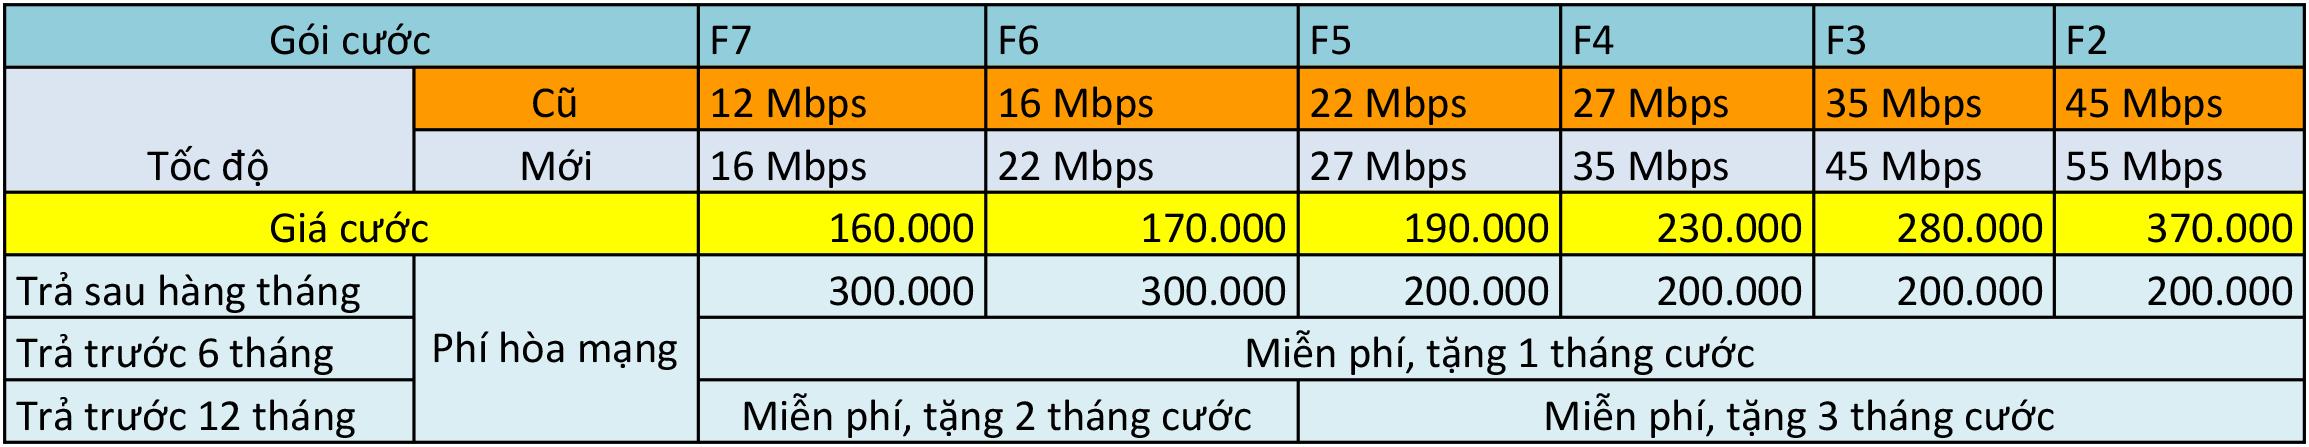 lắp cáp quang FPT Thái Bình 2018, lắp mạng FPT Thái Bình